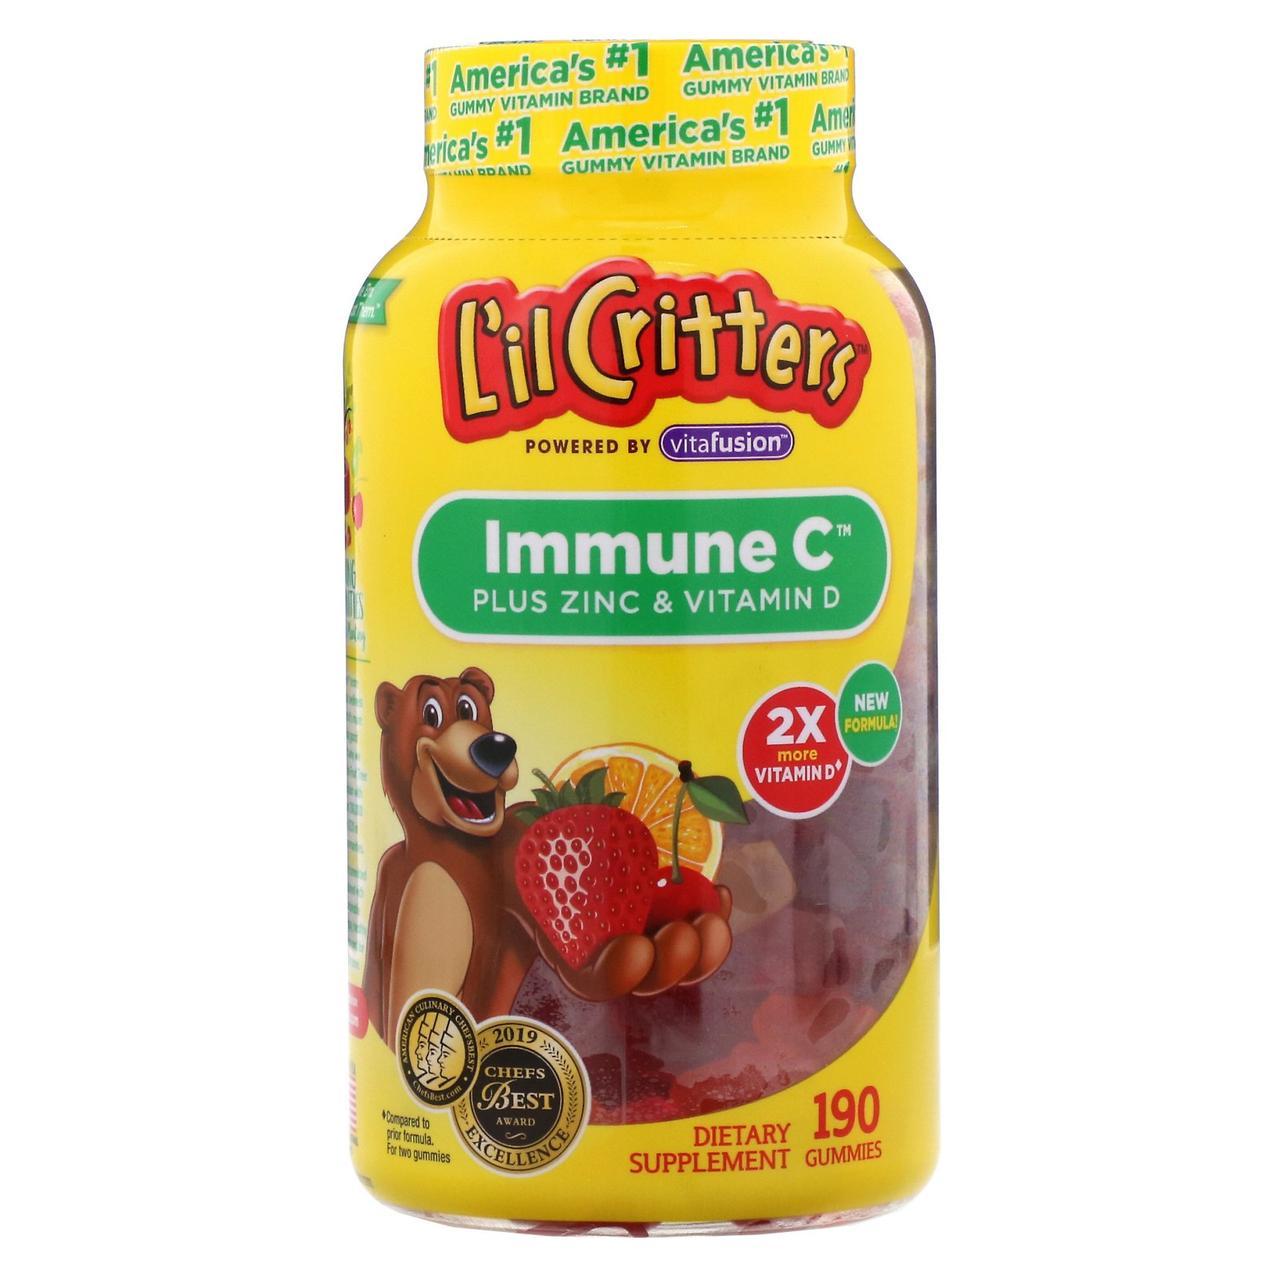 Детские жевательные витамины - цинк, витамин С и витамин D3 L'il Critters, Immune C, 190 жевательных таблеток